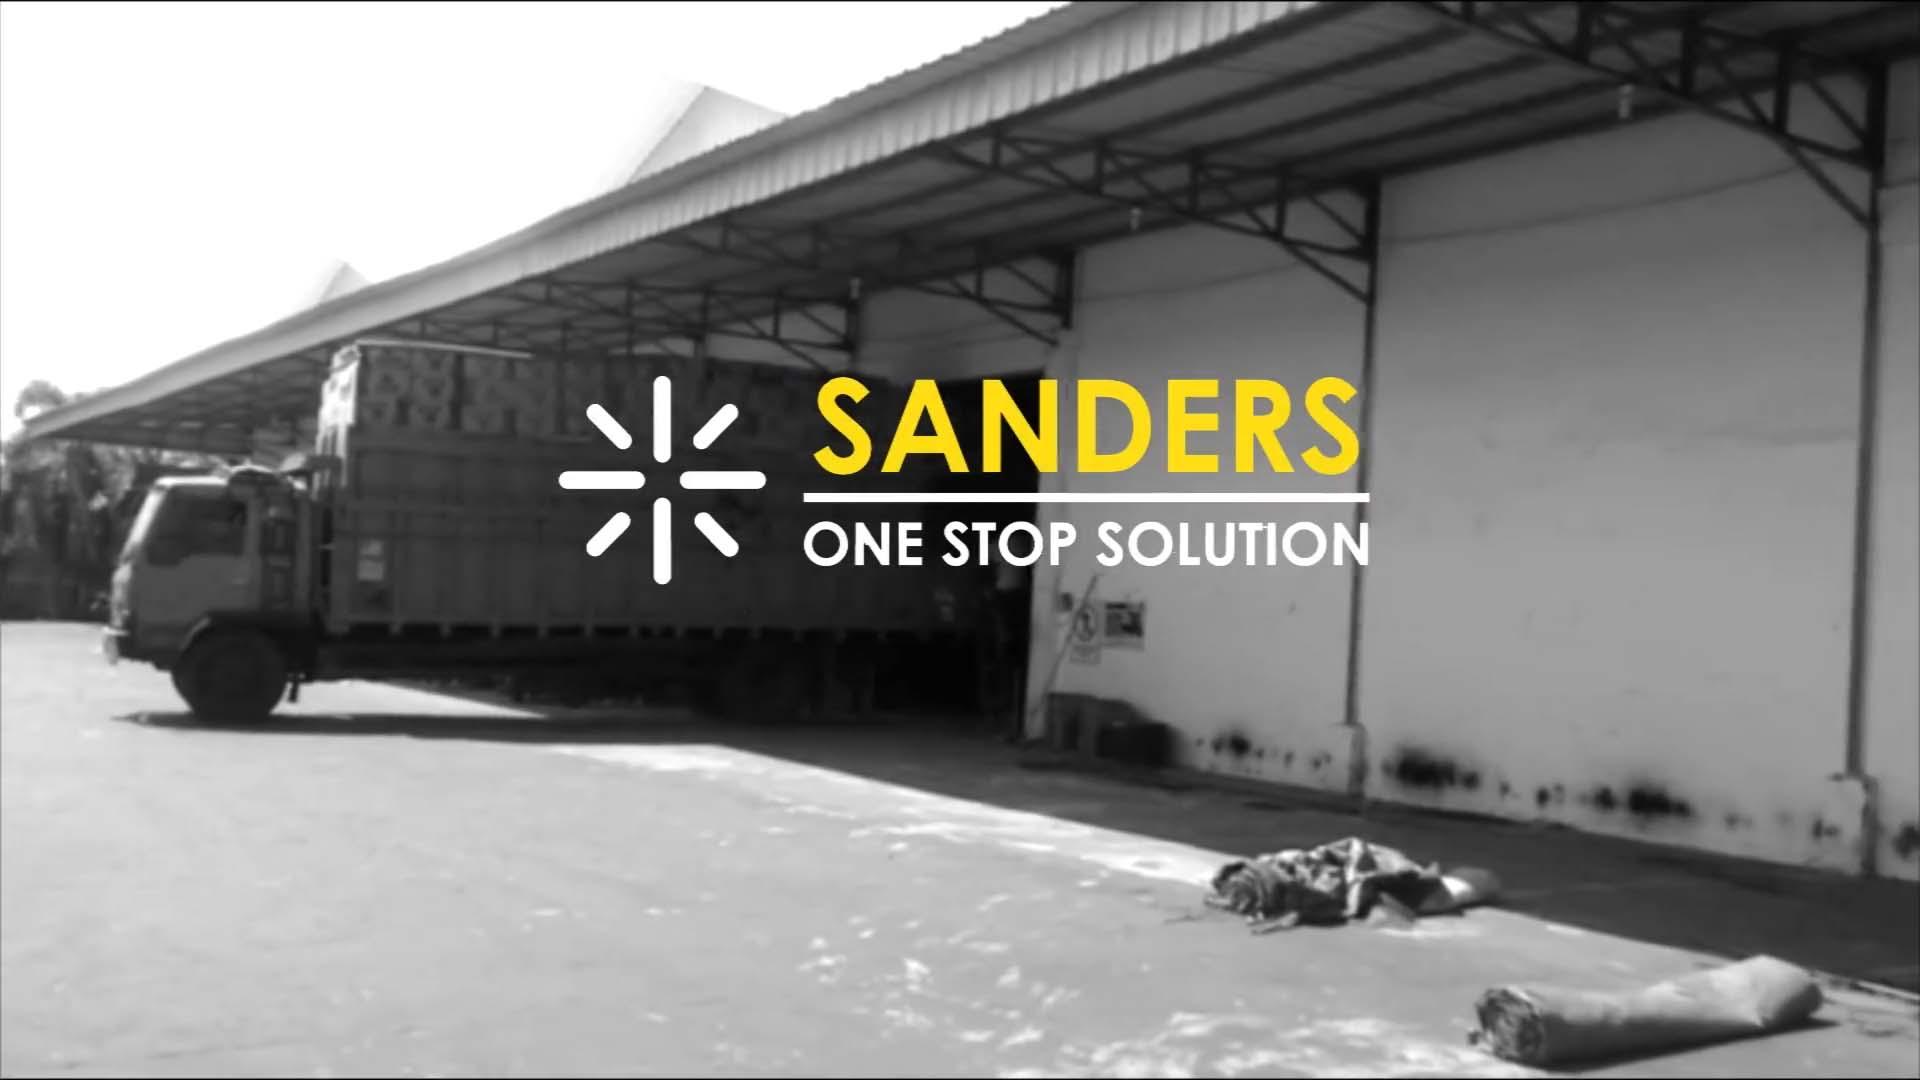 Sosialisasi Sanders di Palembang